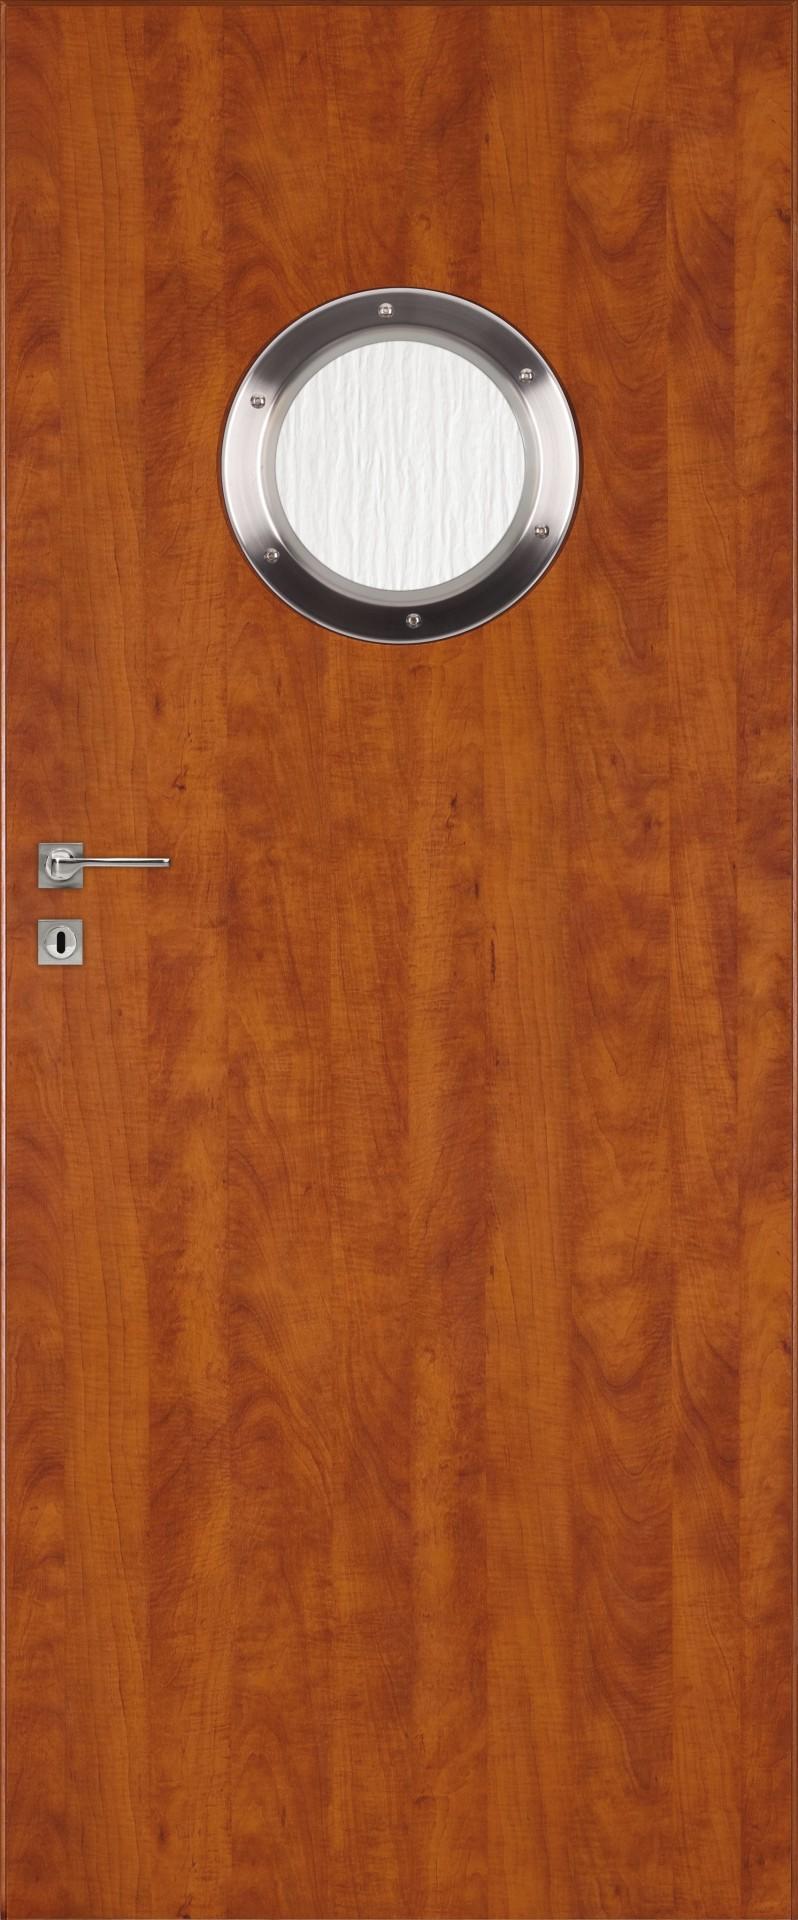 Dre dveře Standard Bulaj Ocel, Šíře v cm 90